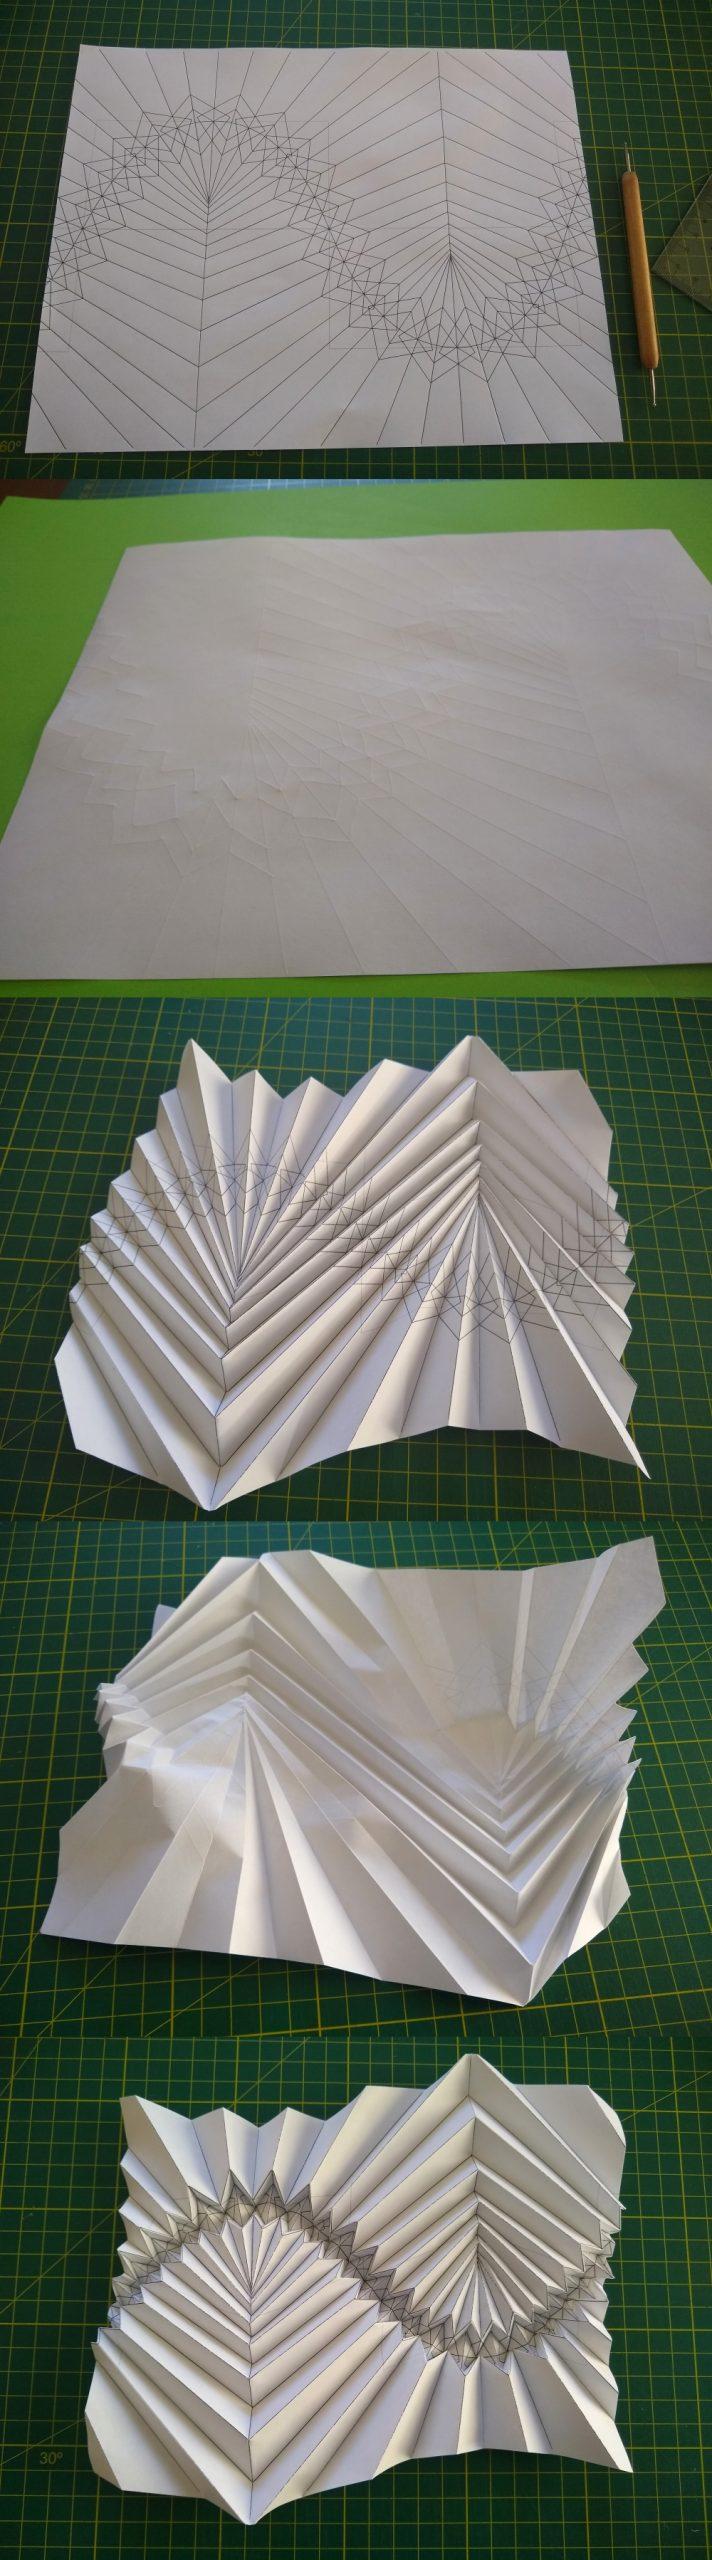 flat-folding sine wave-based corrugation - dev